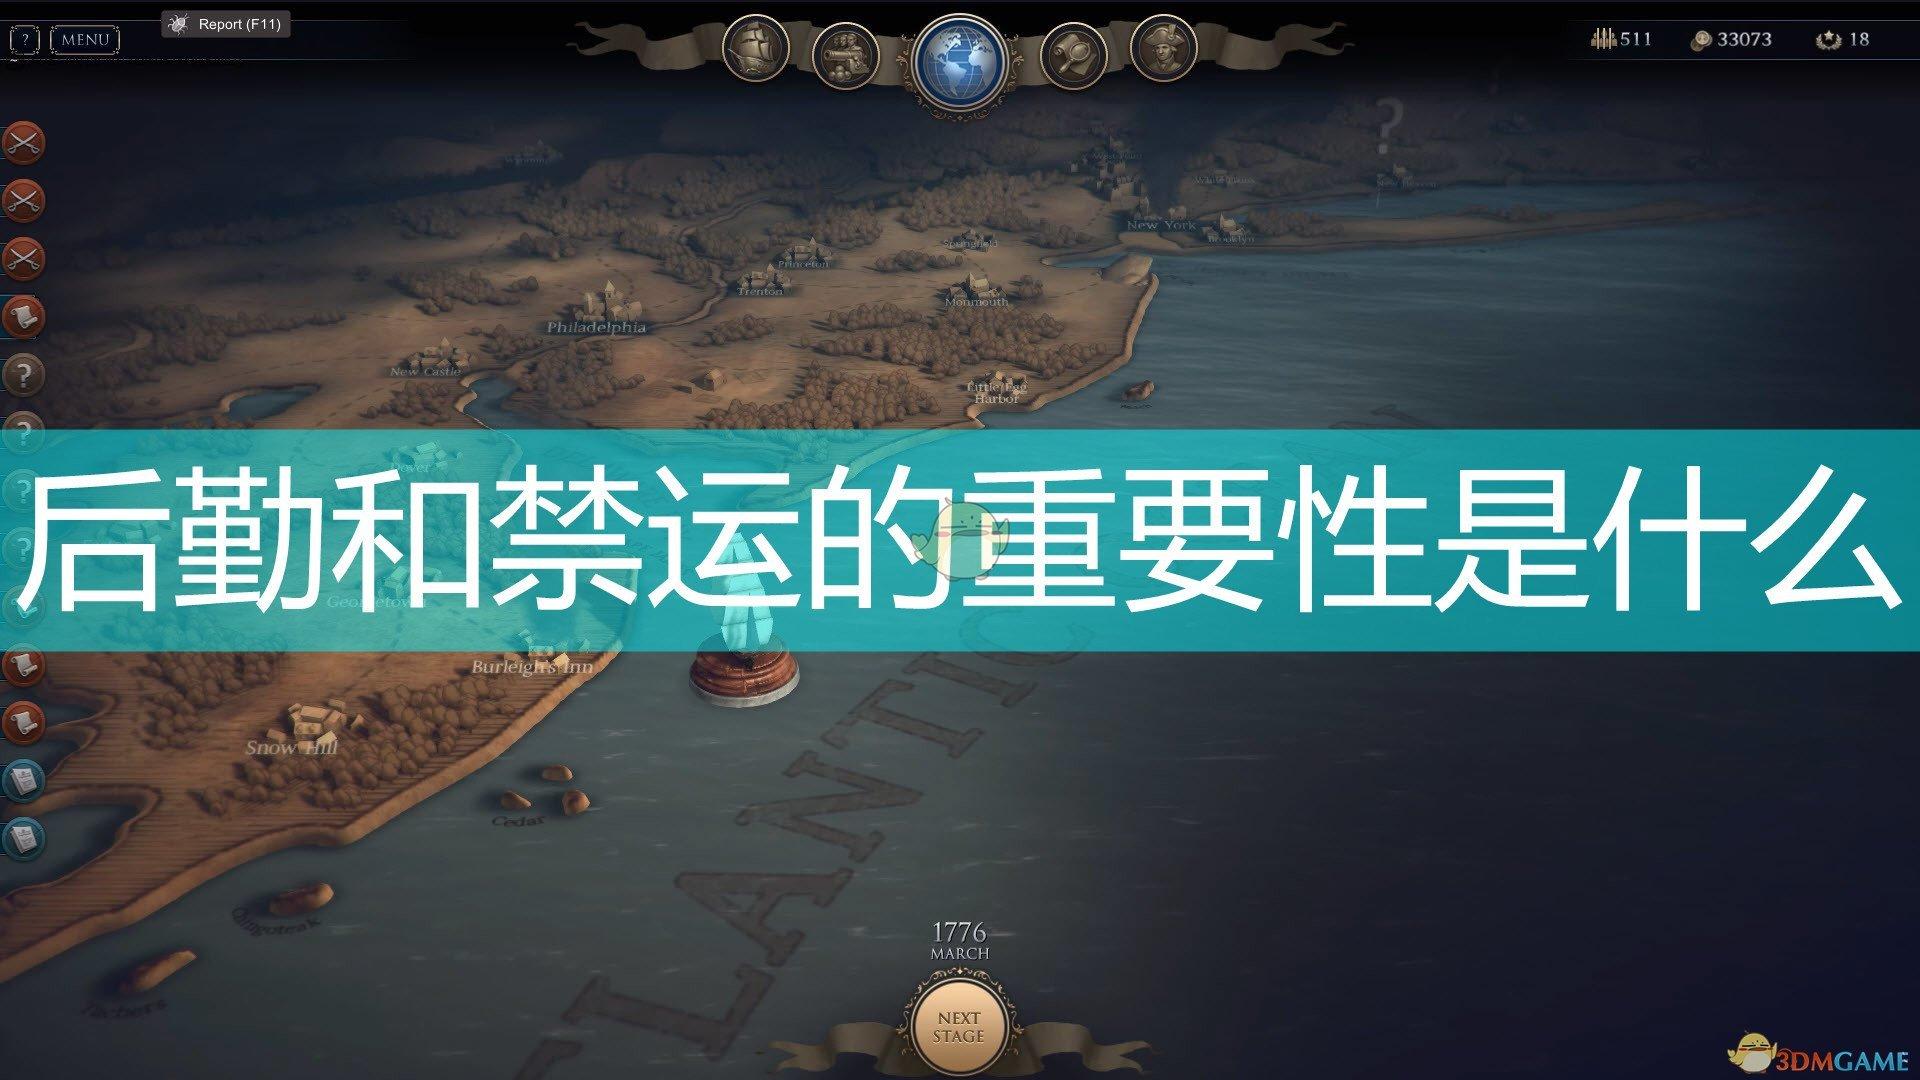 《终极提督:航海时代》后勤和禁运重要性介绍